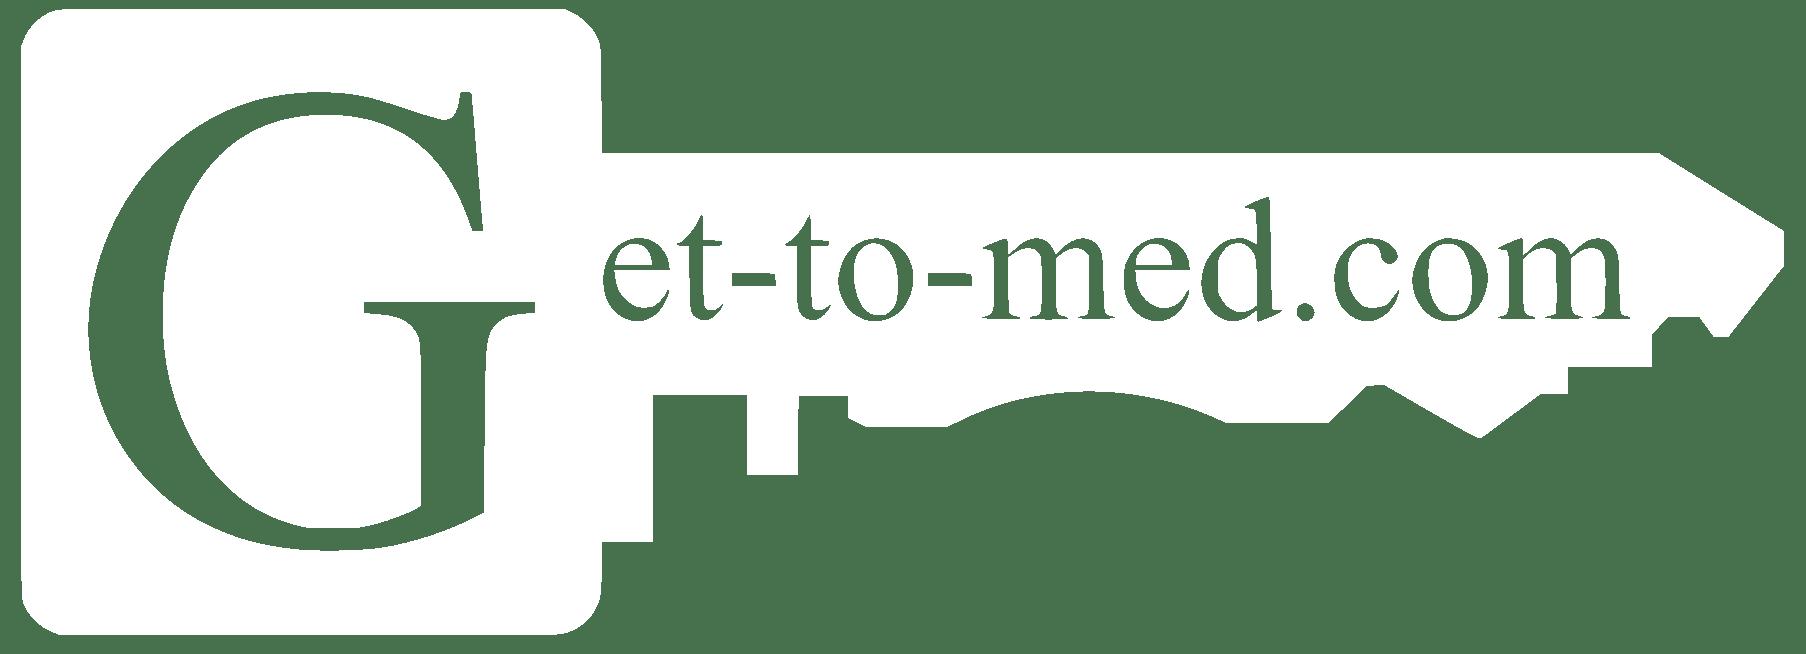 Logo von get-to-med auf der Registrierungsseite der Lernplattform